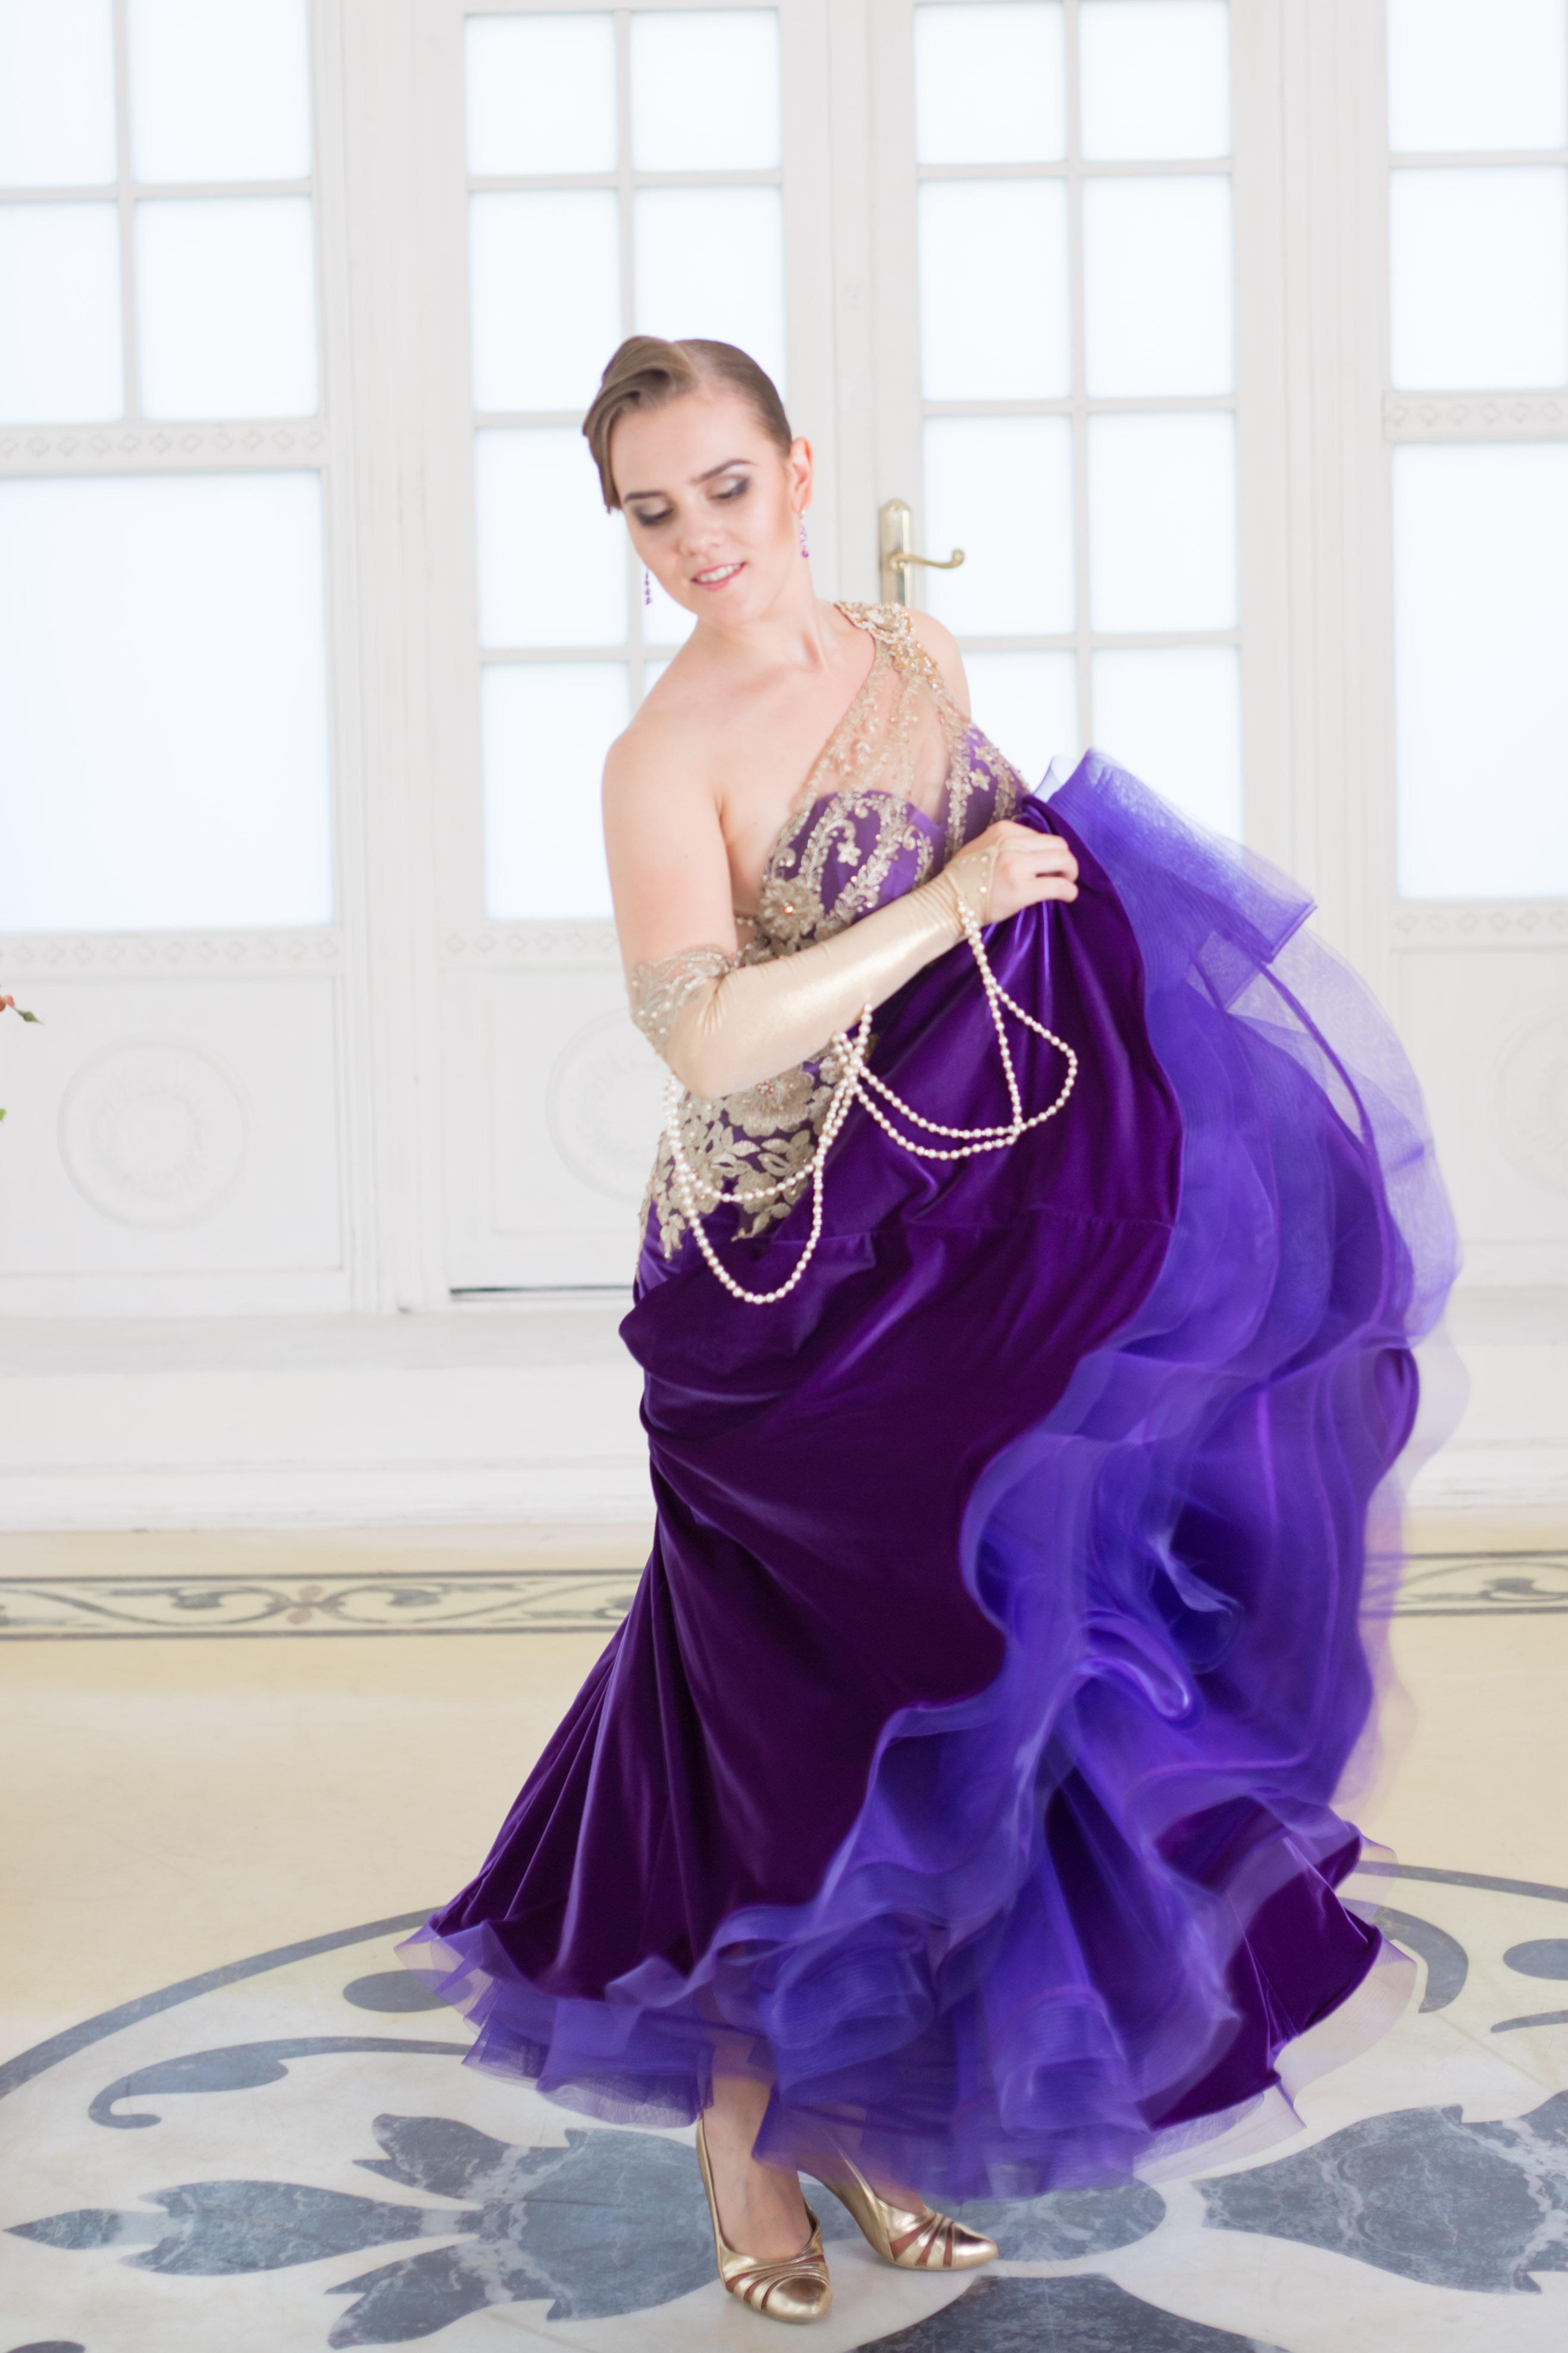 НОВЫЕ РАБОТЫ АТЕЛЬЕ DANCE LINE: ПЛАТЬЕ ДЛЯ СТАНДАРТА КАТРИН